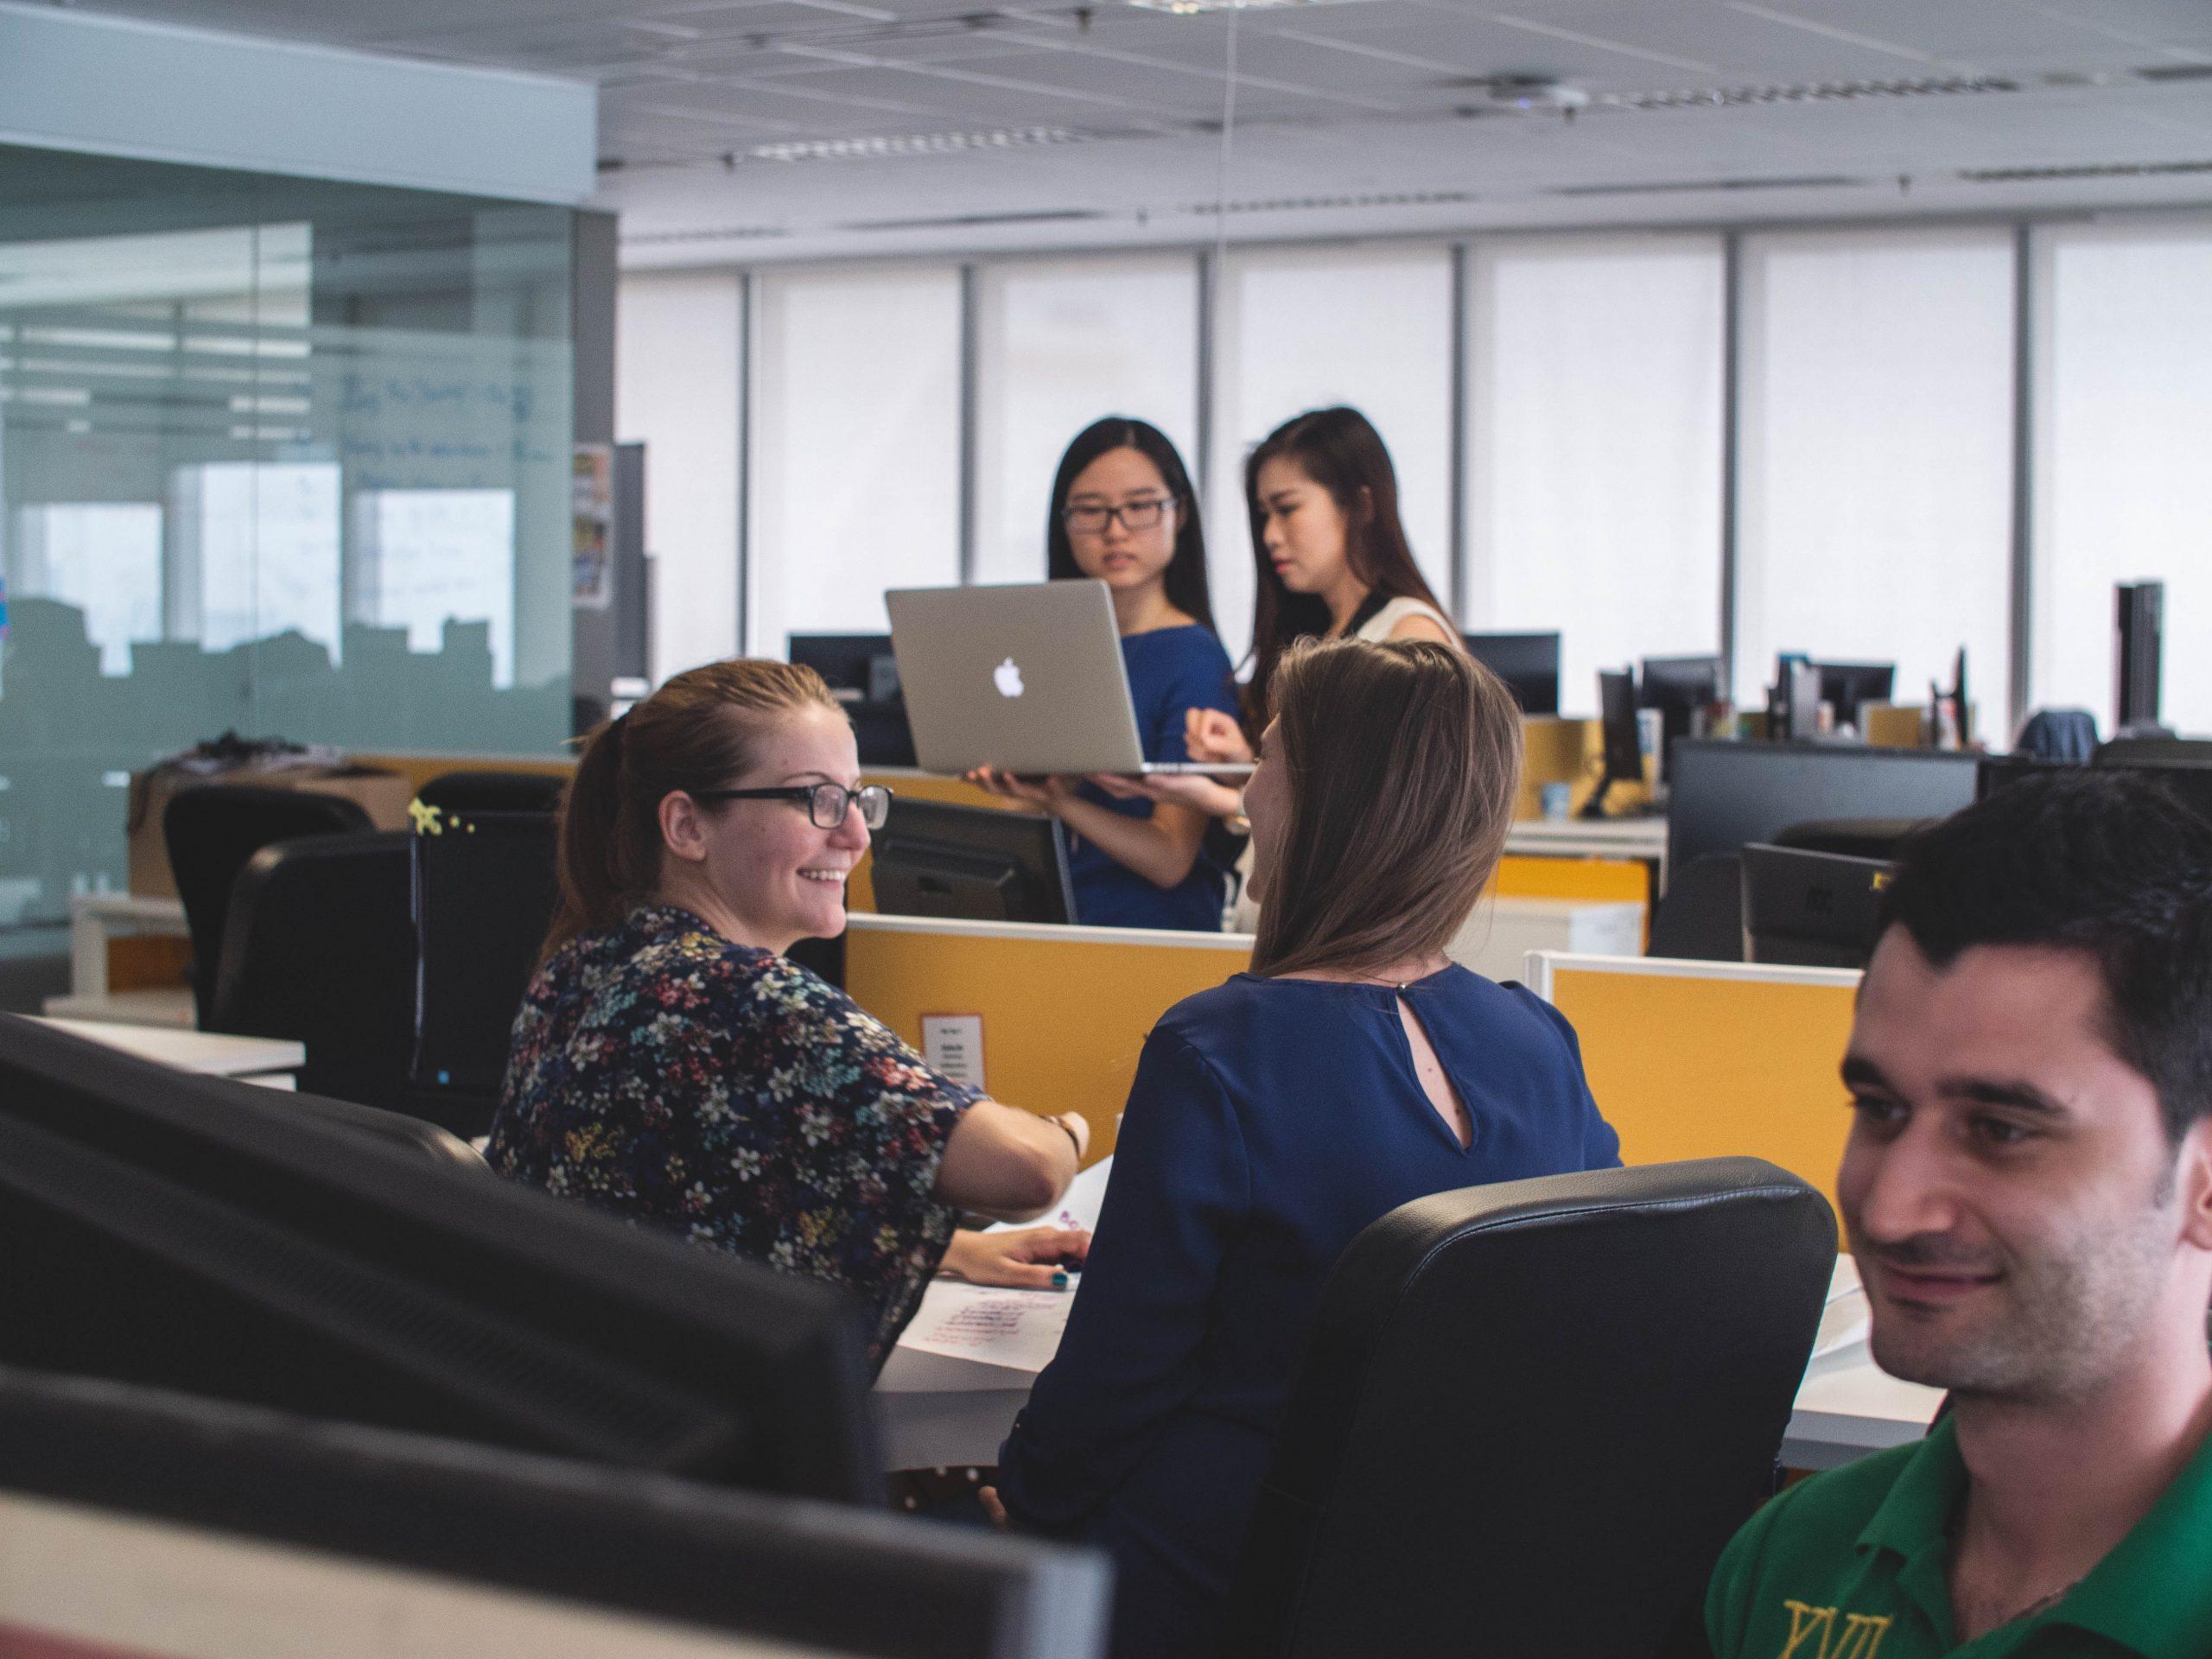 5_moyens_importants_de_favoriser_l_engagement_des_employés_grâce_à_la_technologie